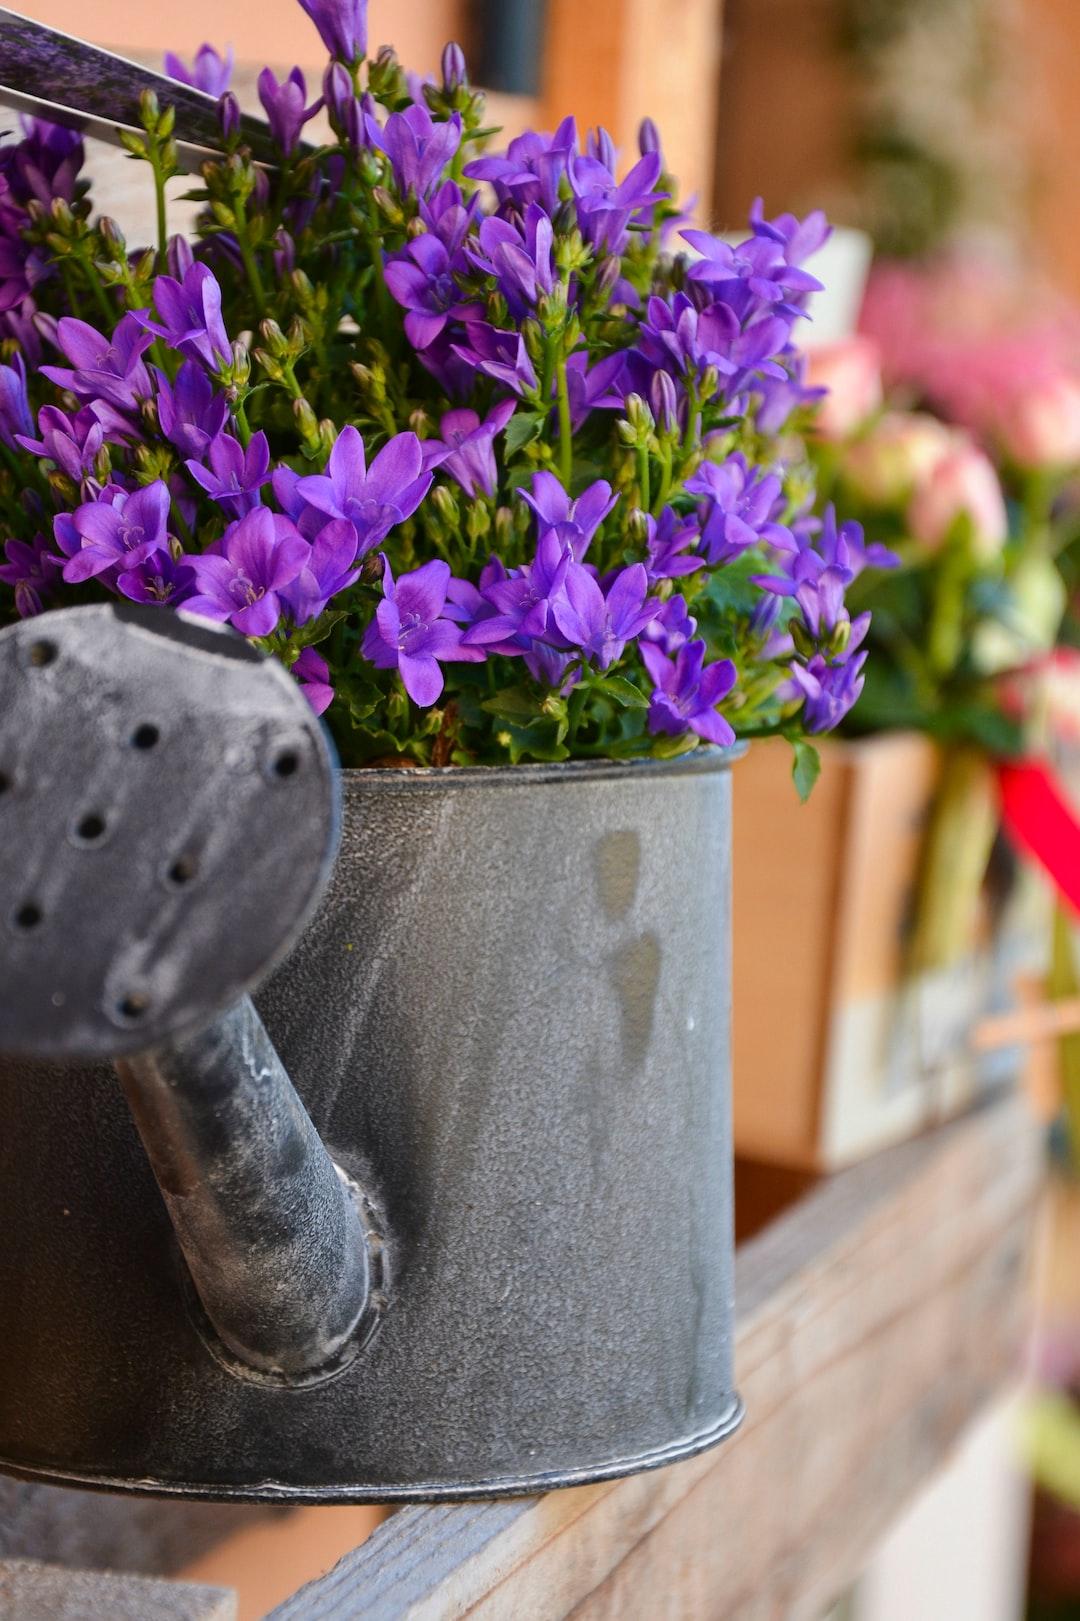 Purple flowers inside a watering can